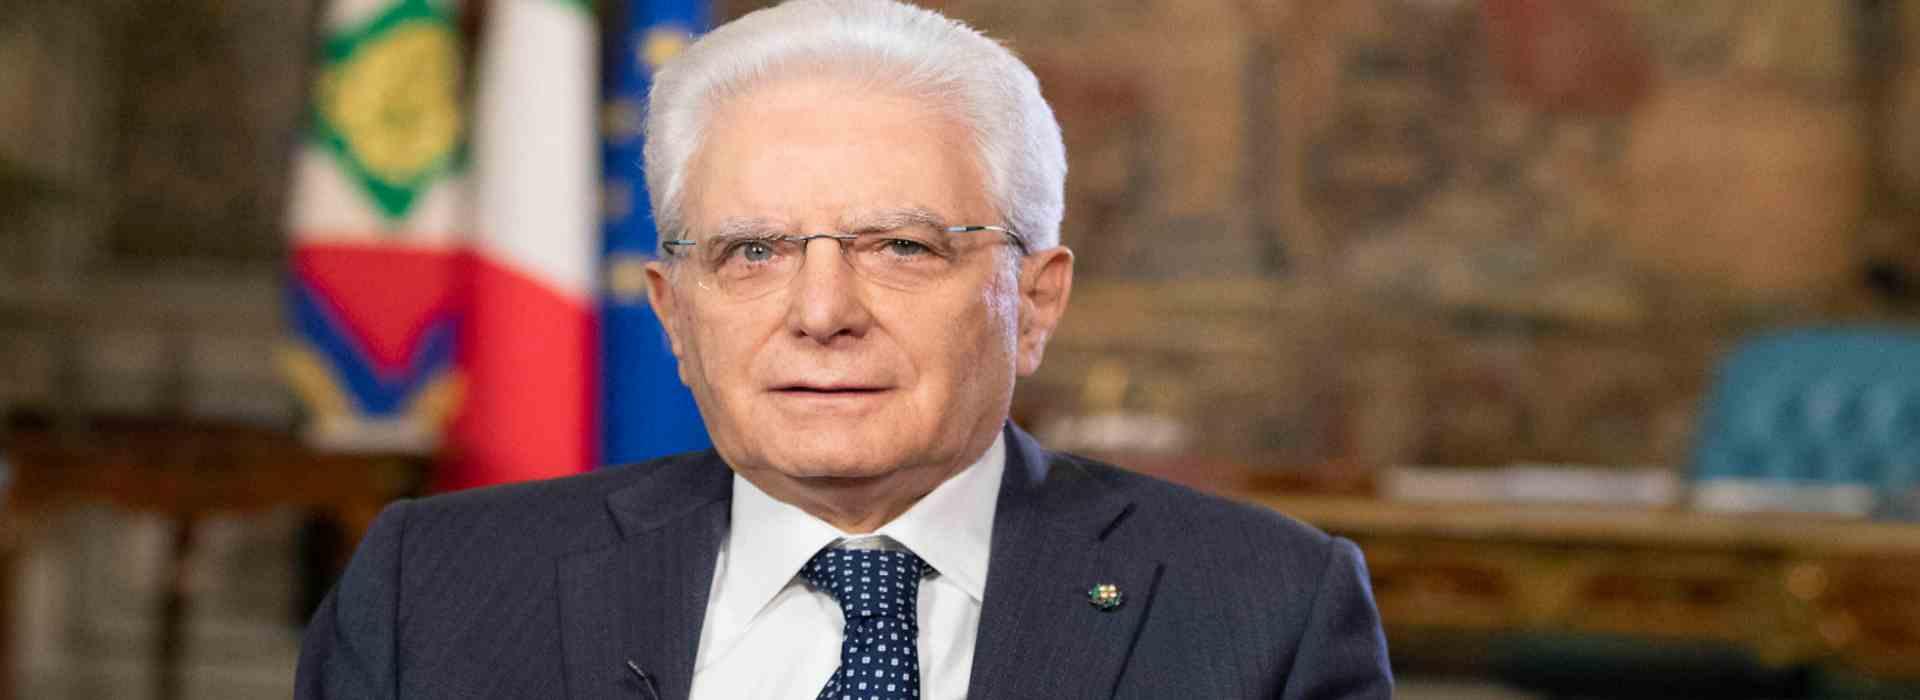 """Palamara-gate, il Presidente Mattarella: """"Sollecitato riforma delle regole di formazione del Csm ma la politica non l'ha fatta"""""""